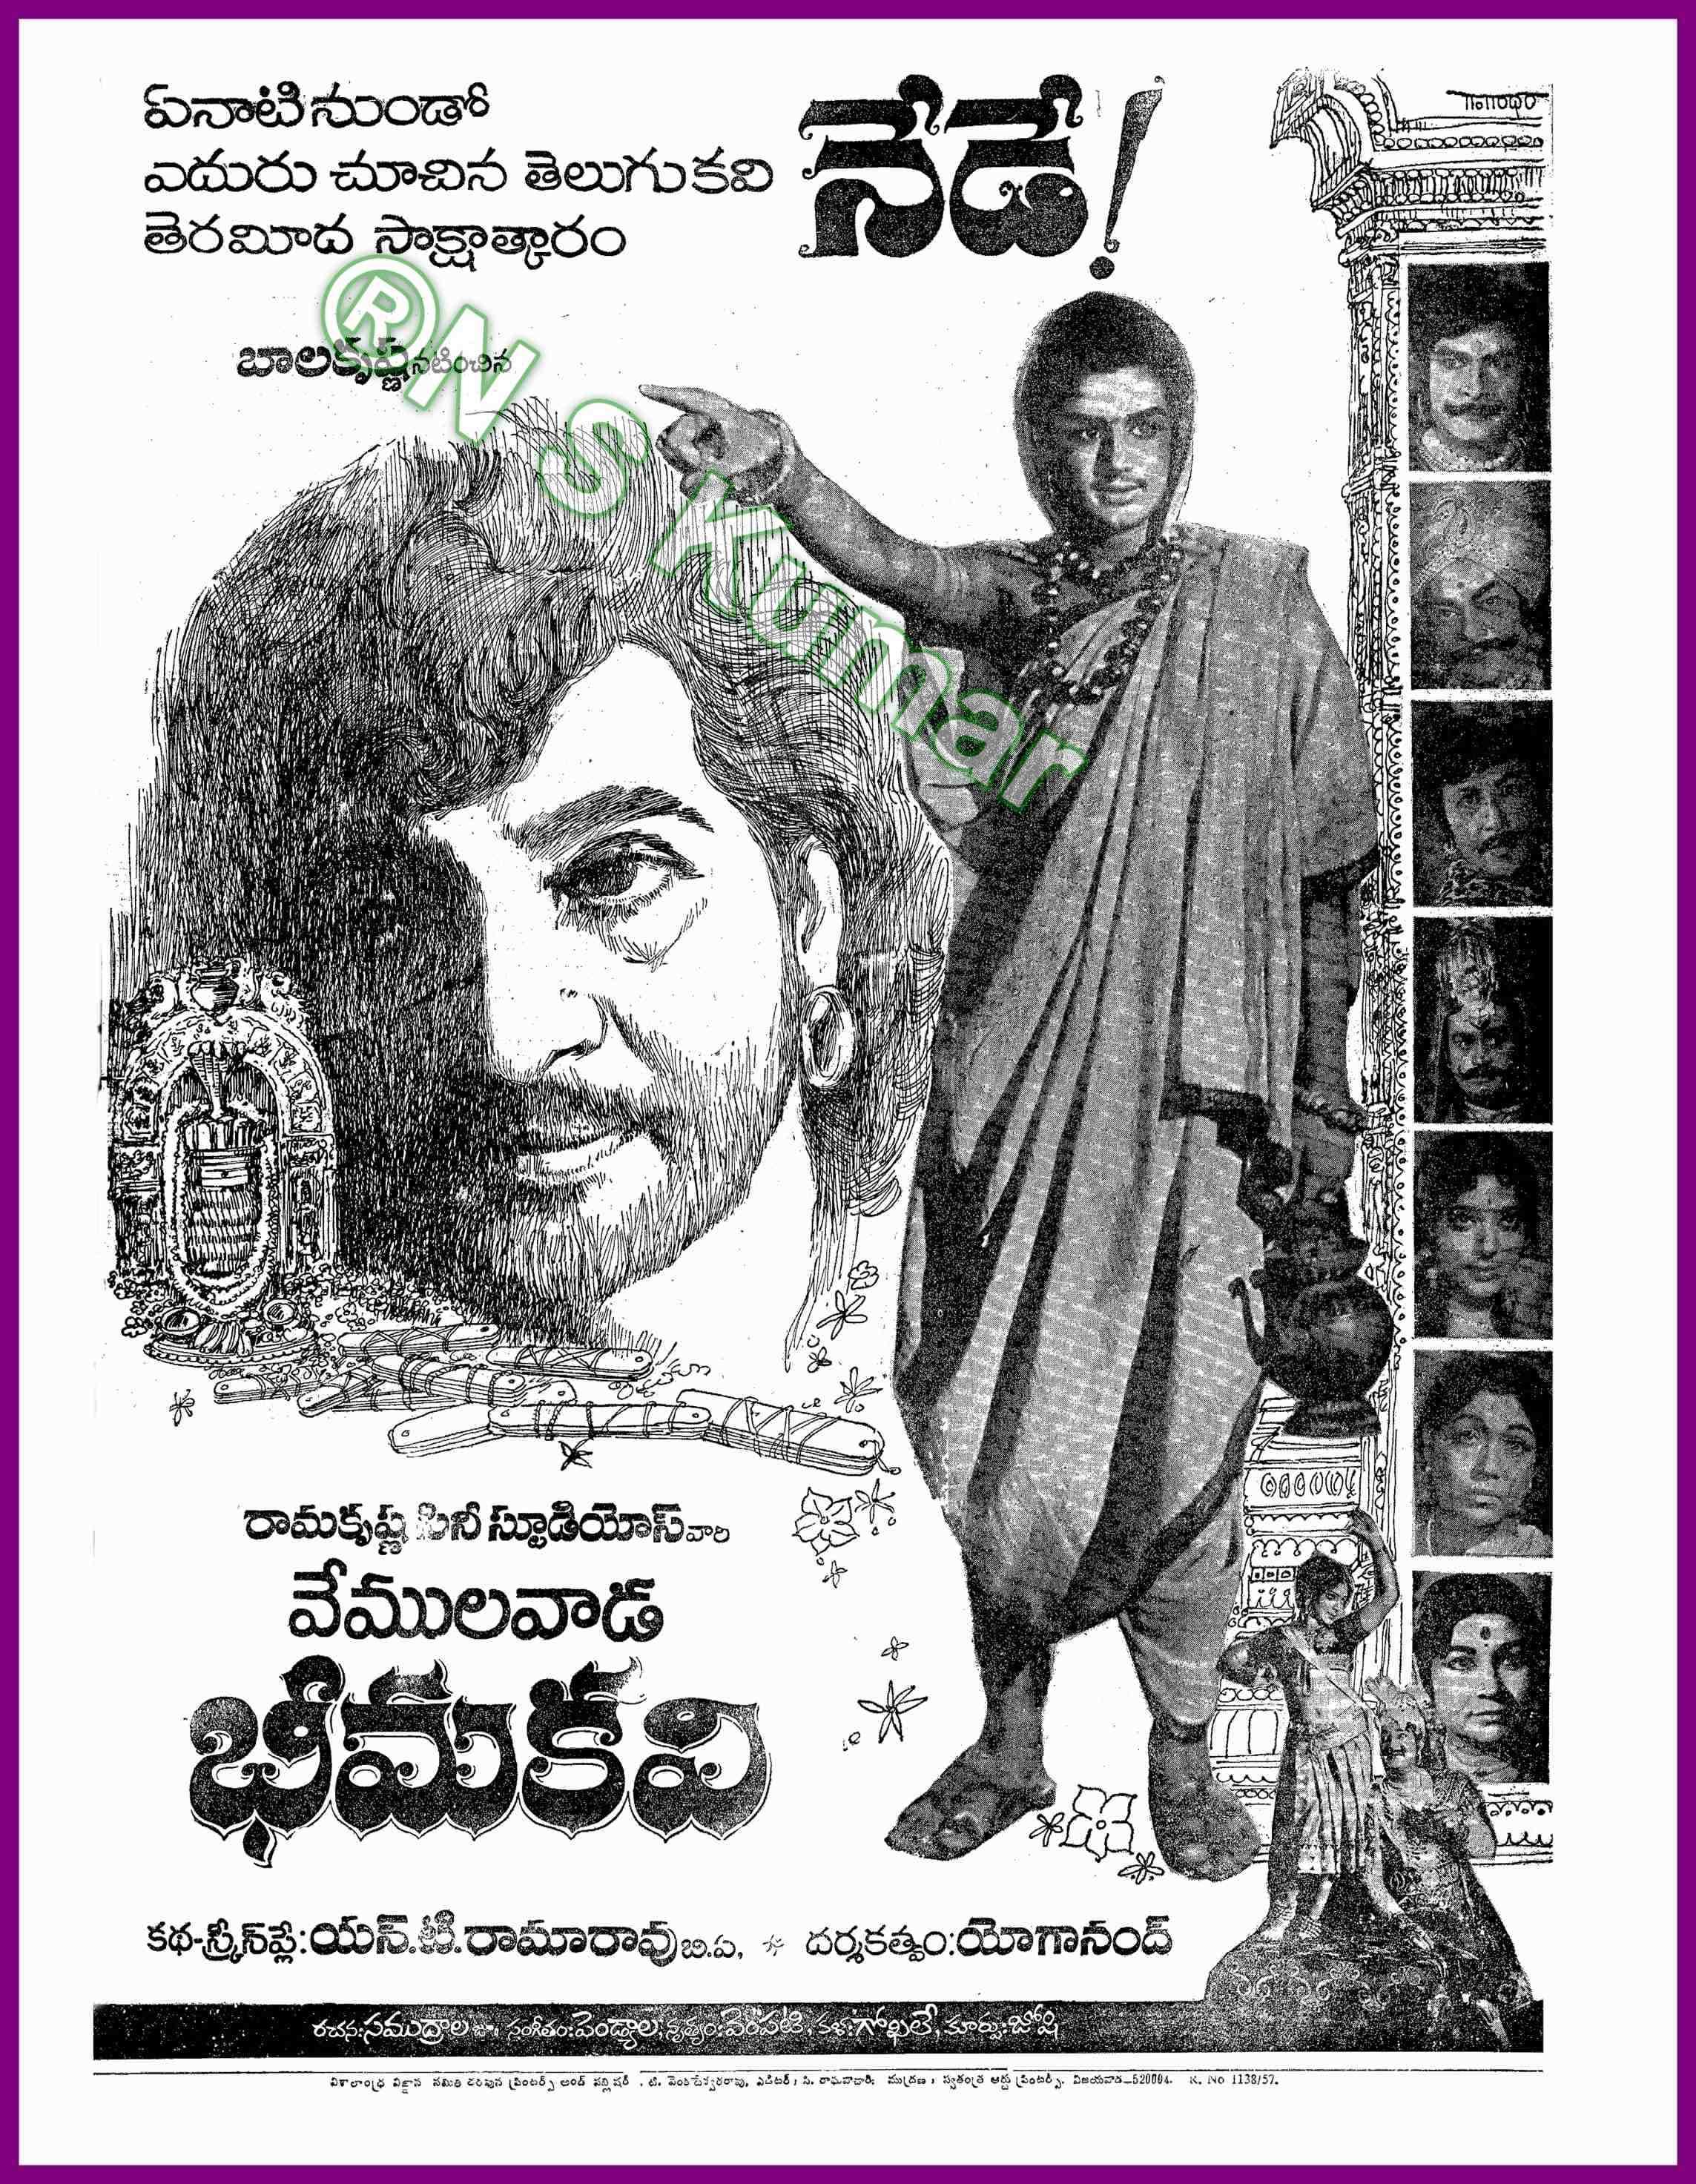 Vemulavada Bheema Kavi poster.jpg